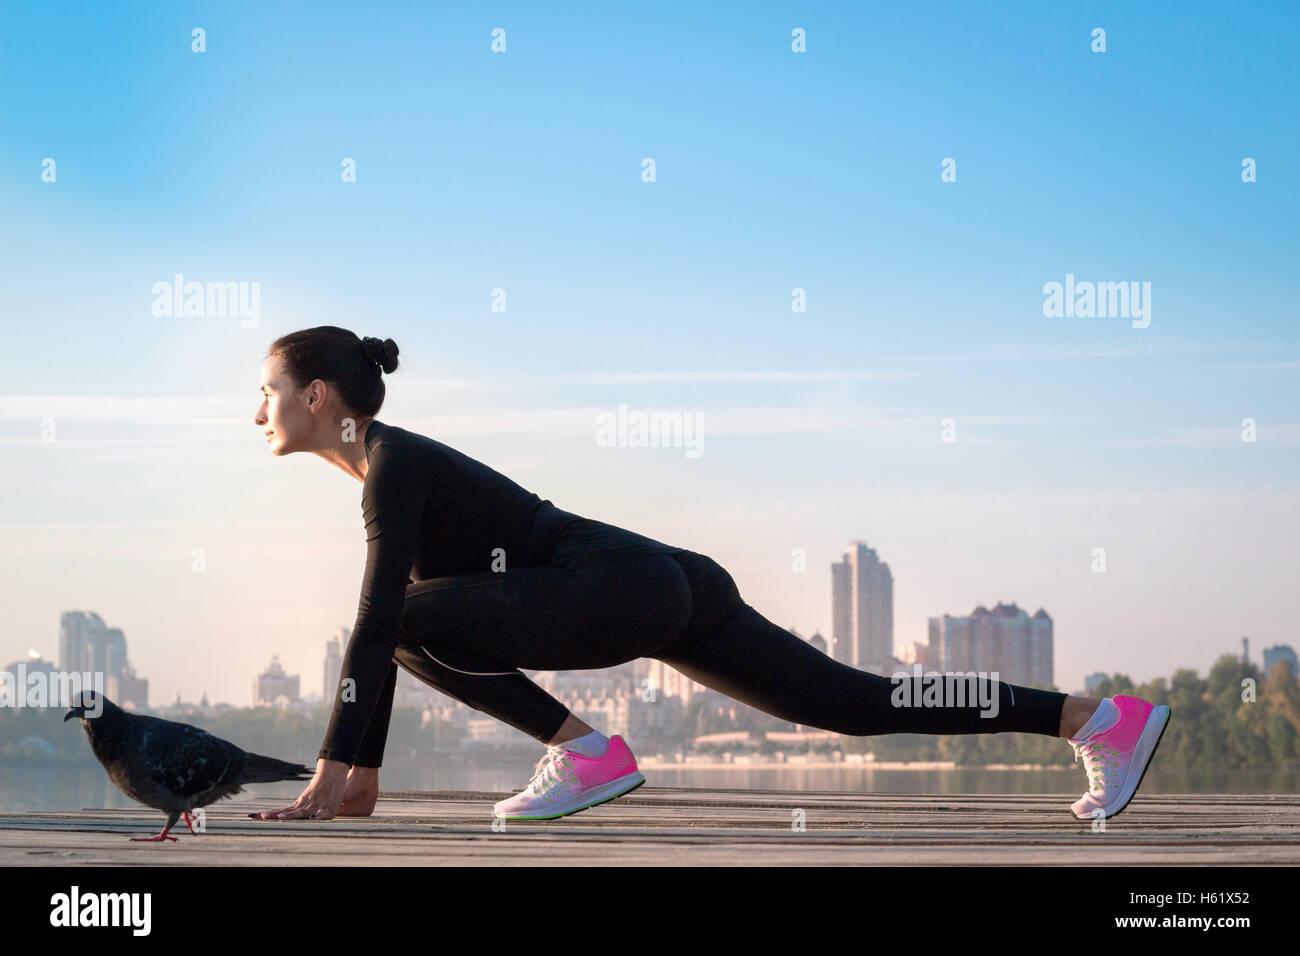 Bastante joven mujer fitness ejercicios en el muelle durante la mañana entrenamiento deportivo entrenamiento Imagen De Stock